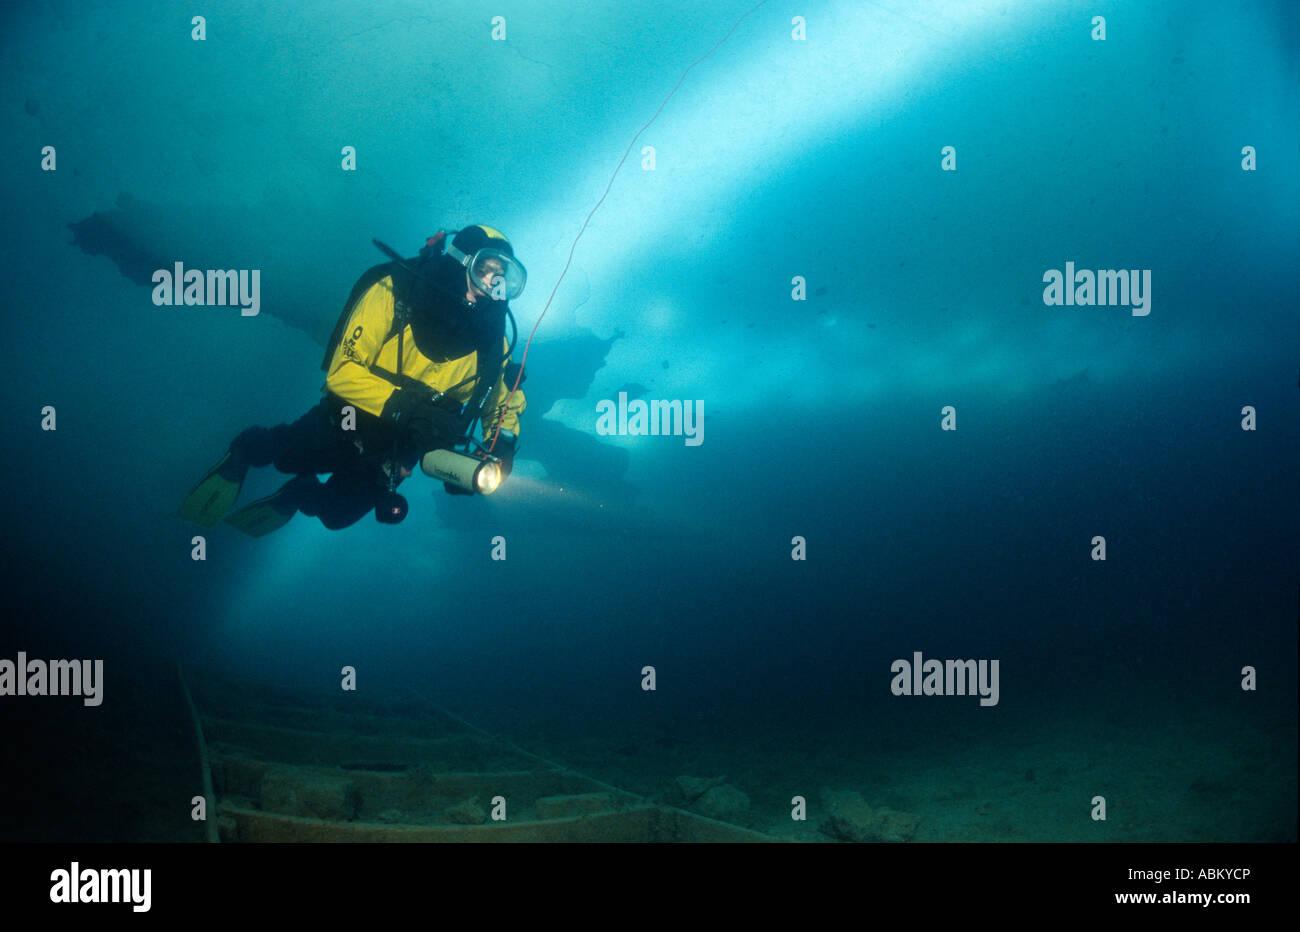 La plongée sous glace plongée sous marine dans un lac gelé Photo Stock